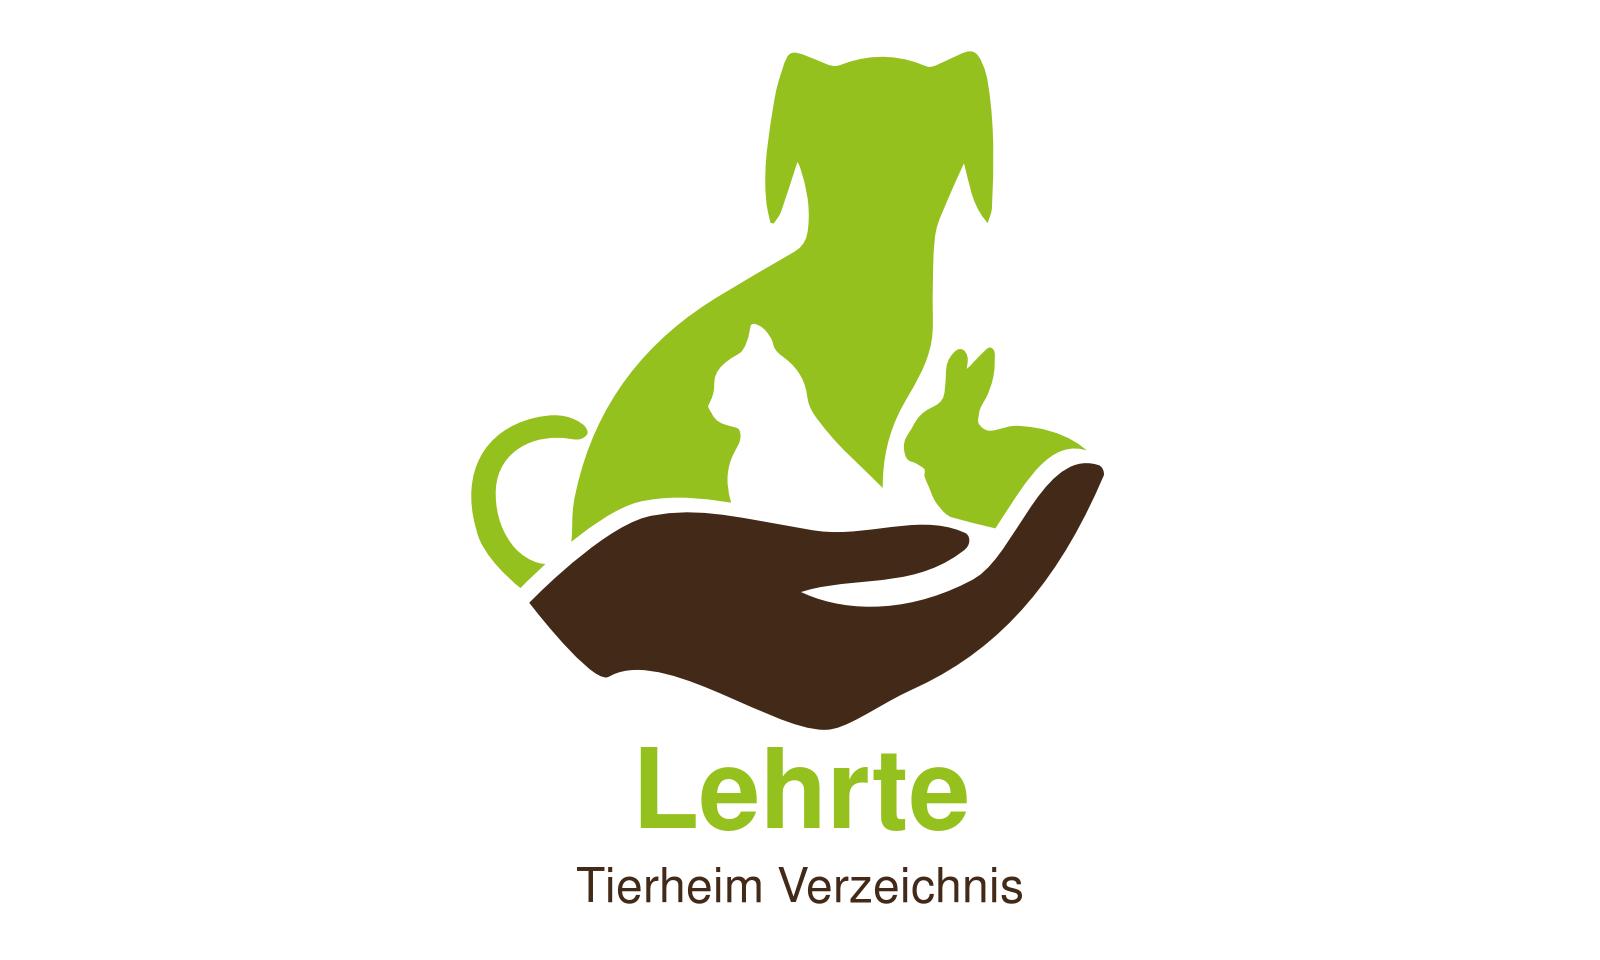 Tierheim Lehrte